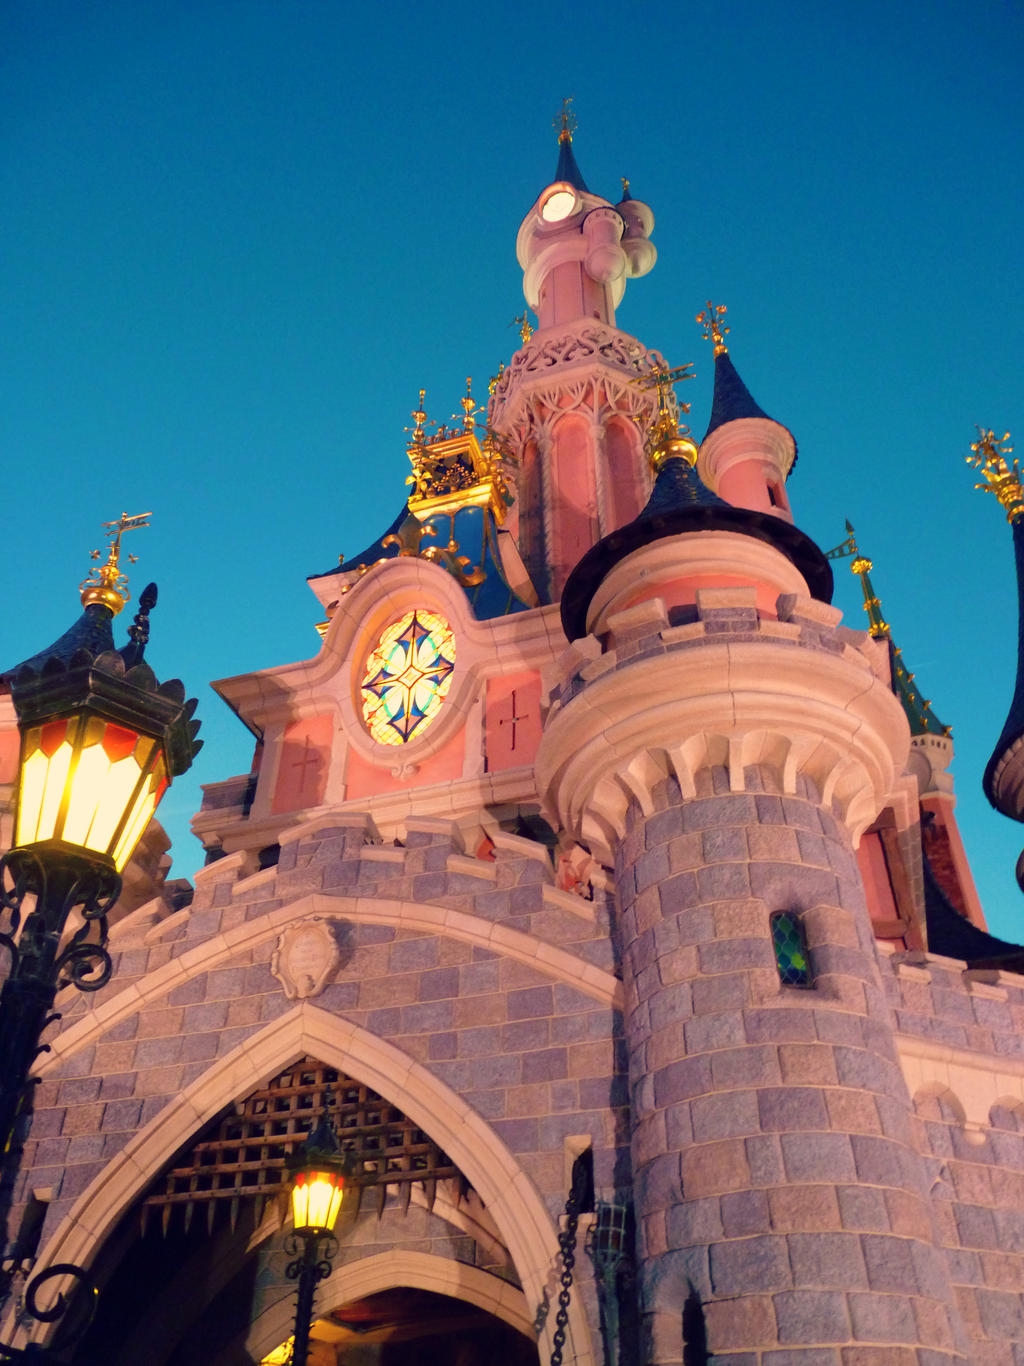 Le chateau de la belle au bois dormant by llamalucy on deviantart - Chateau la belle au bois dormant ...